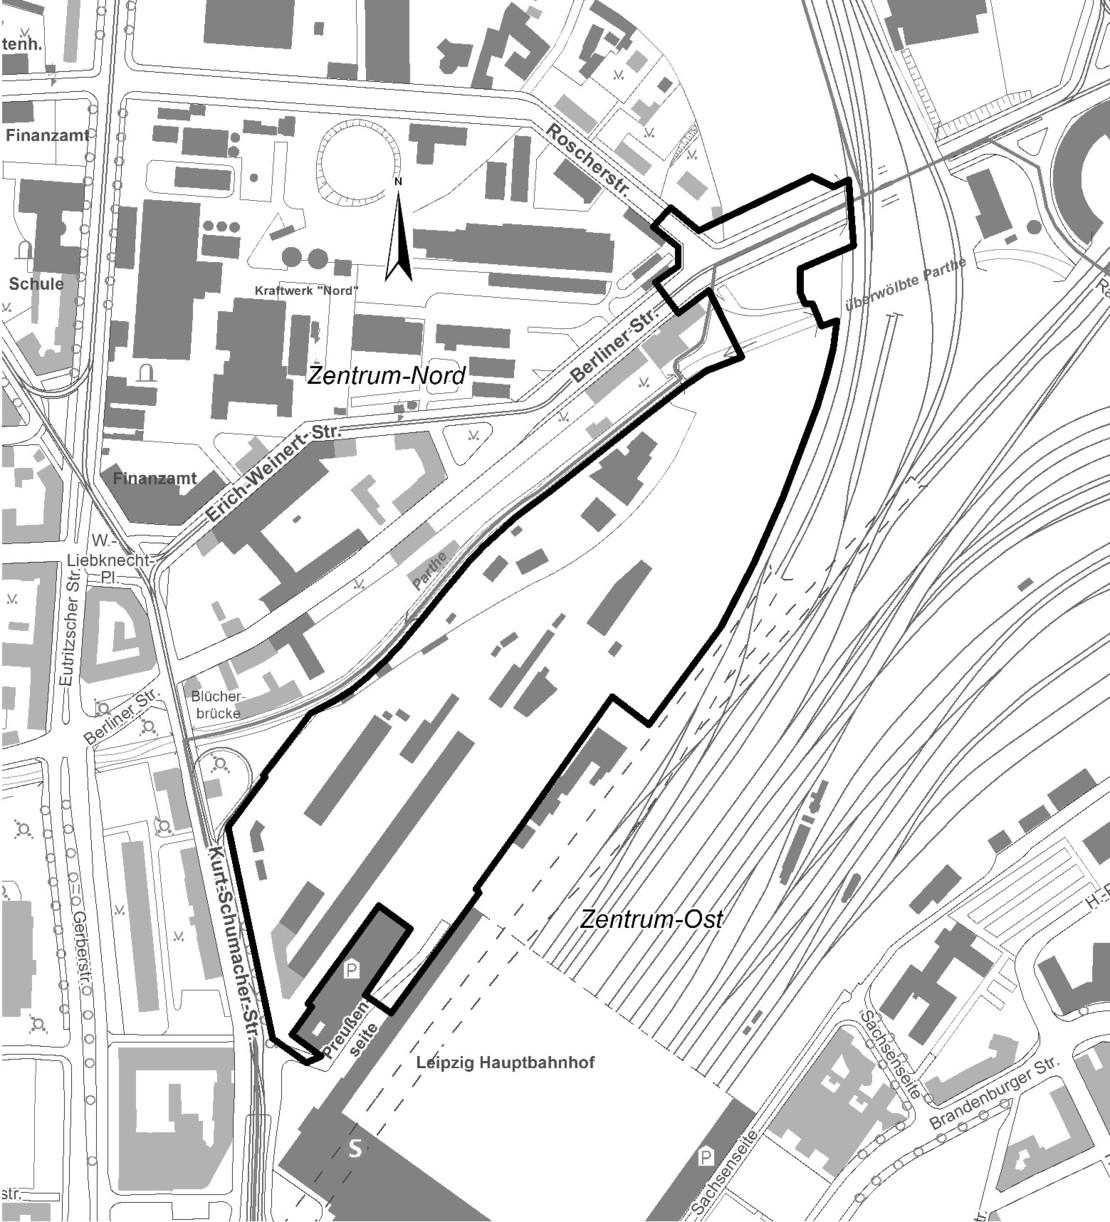 Technische Zeichnung des Planungsgebiets 323.2